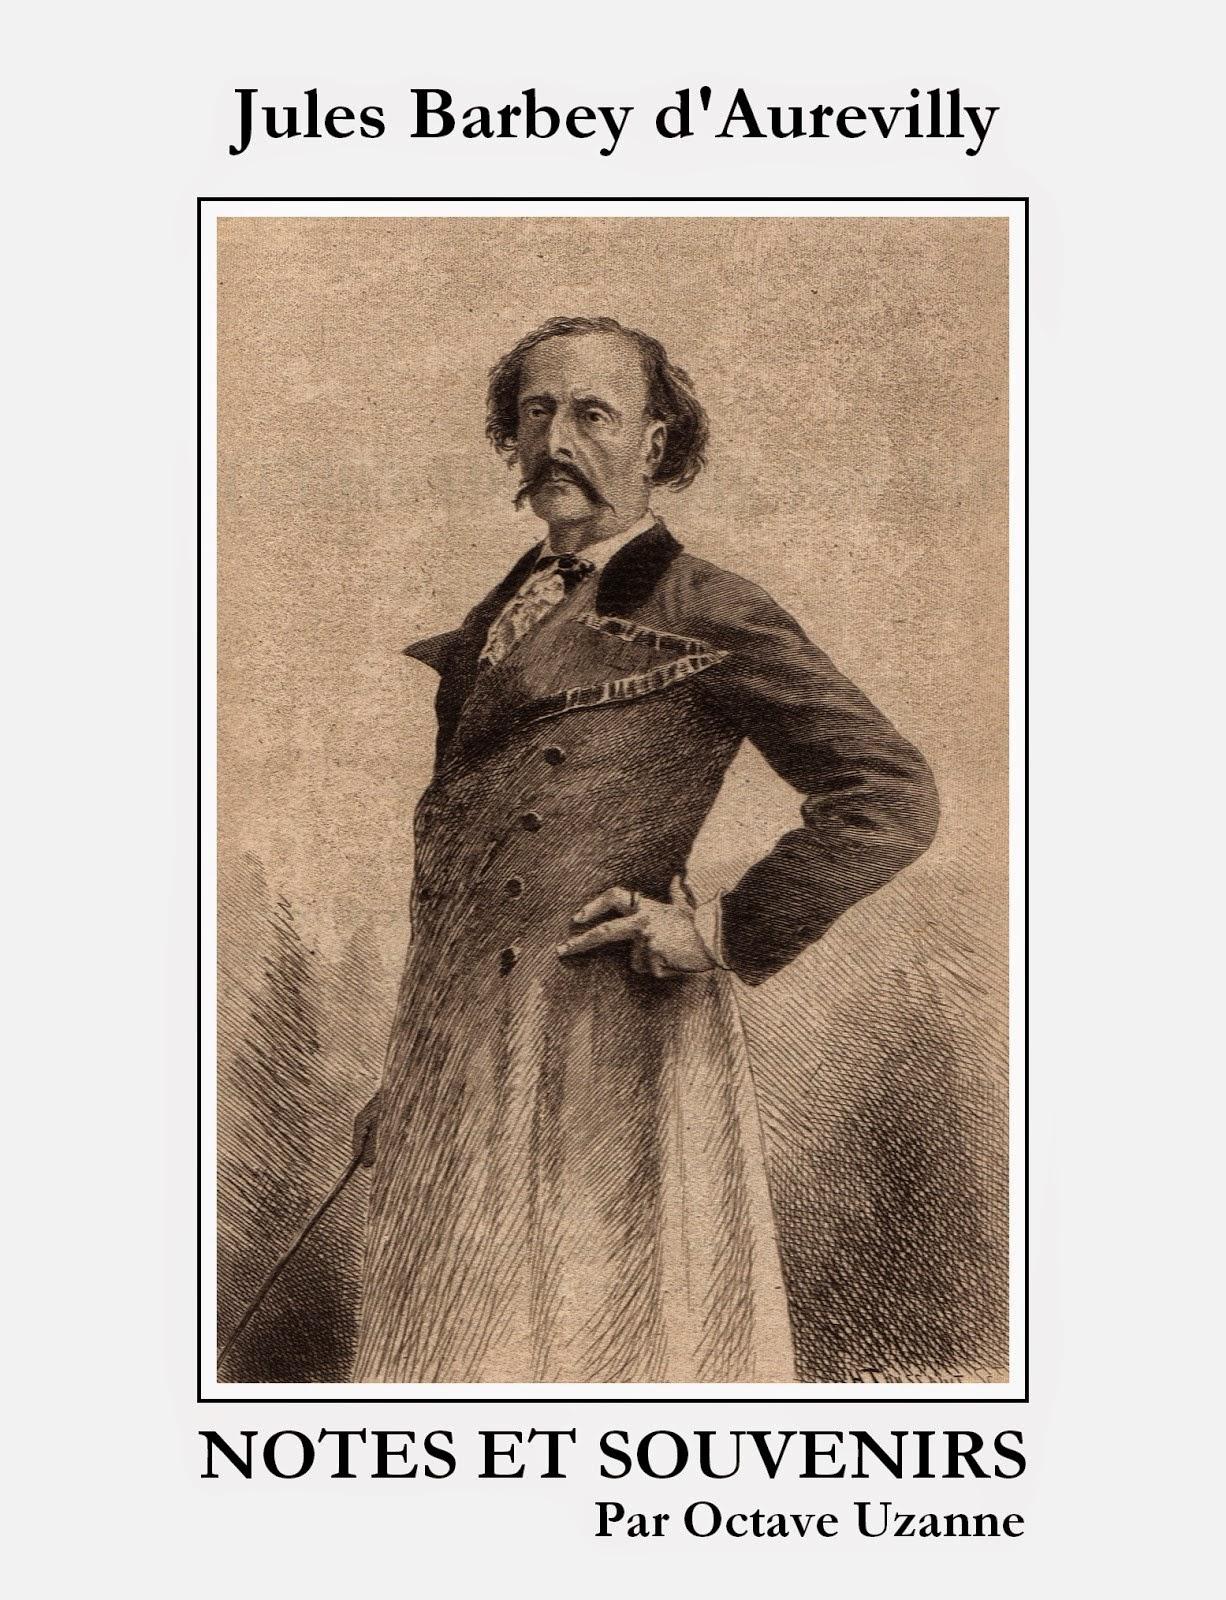 Jules Barbey d'Aurevilly, Notes et Souvenirs par Octave Uzanne